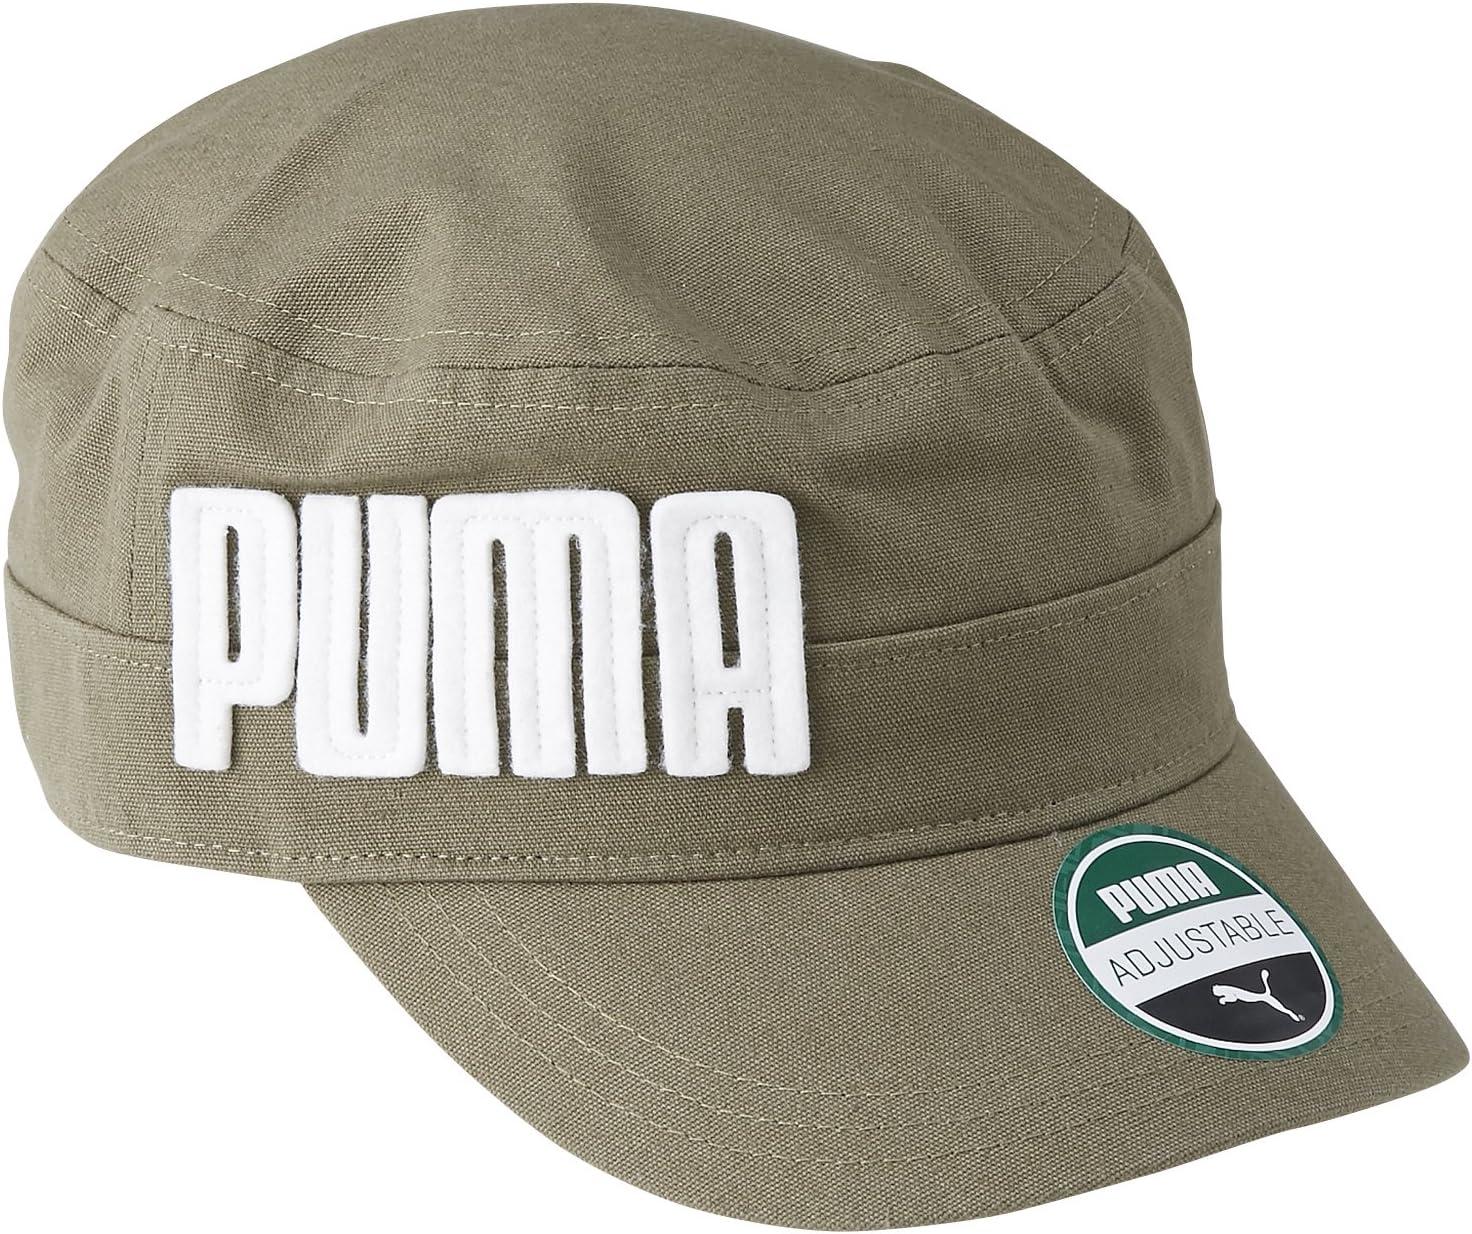 Puma Penham Military Kids Cap